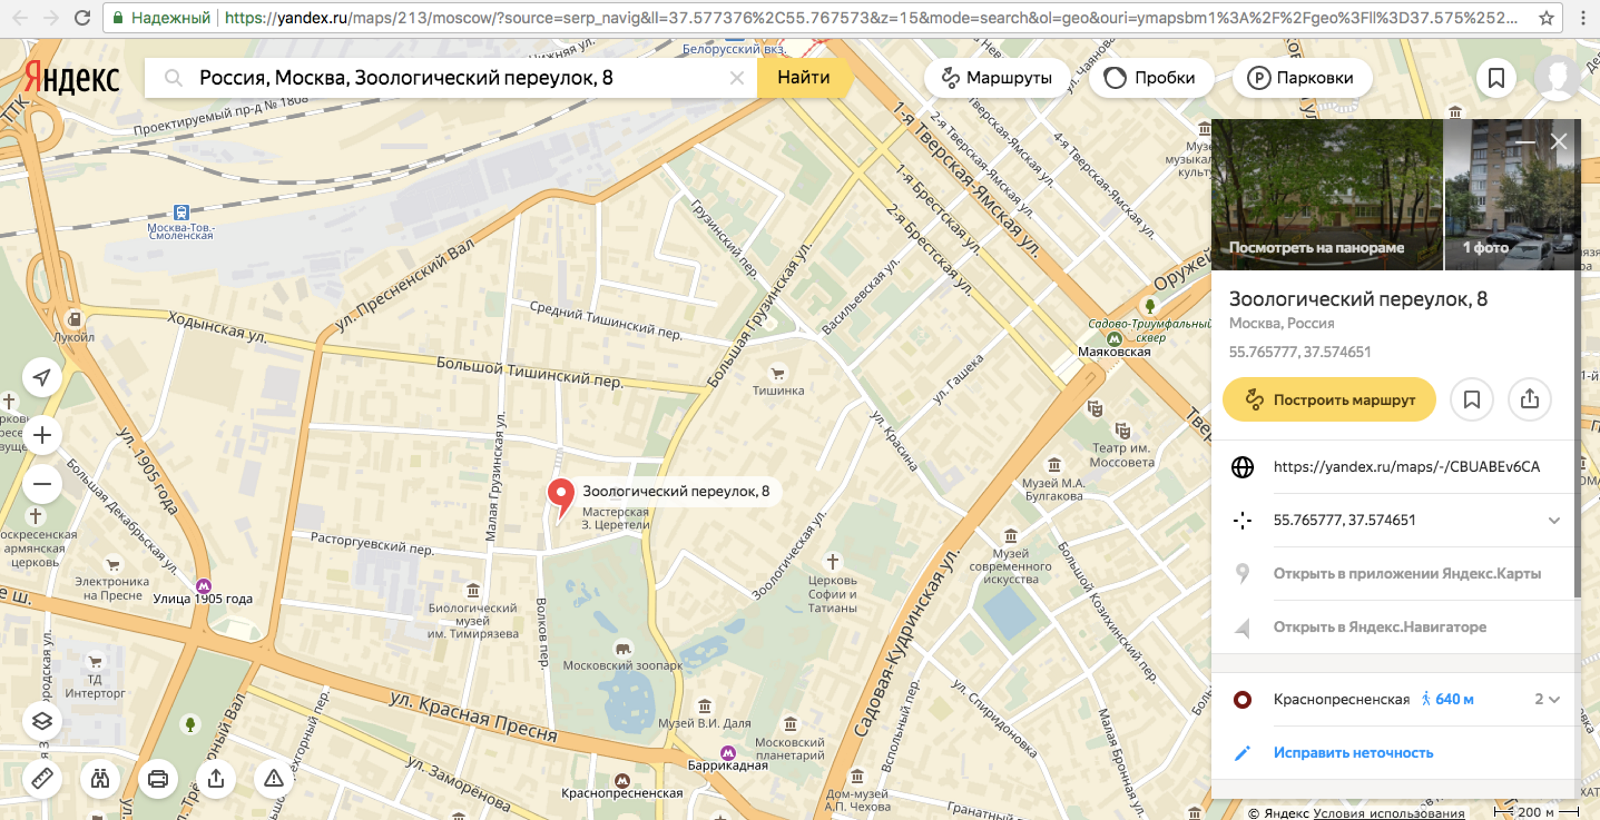 10функций Яндекс.Навигатора, окоторых вымогли незнать— фото 784022